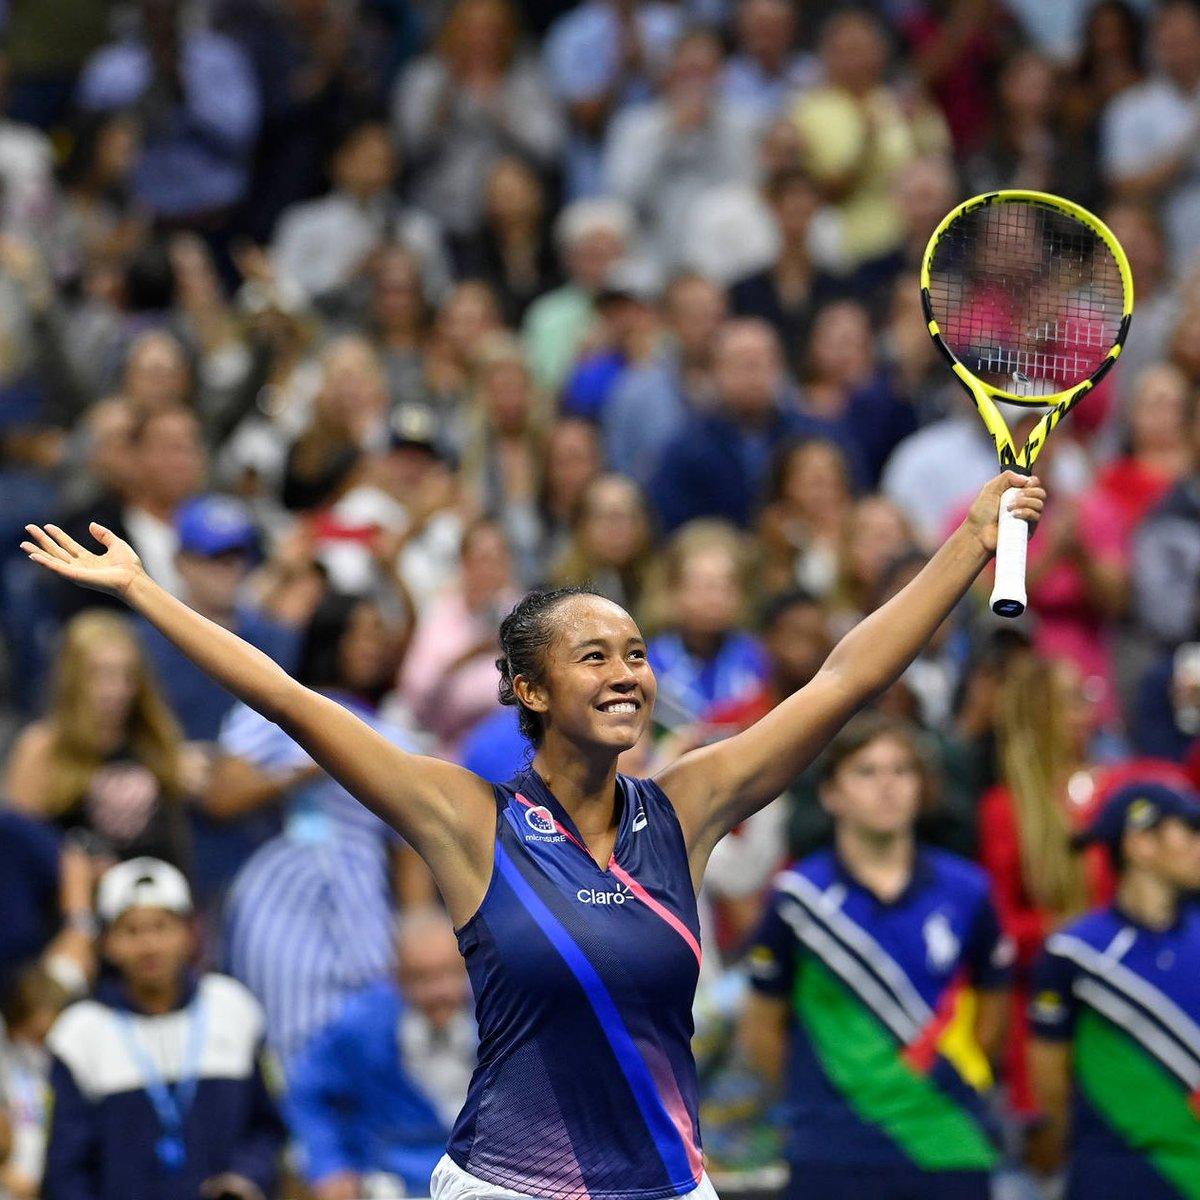 🥰 İyi haber: Amerika Açık finalinde 18 yaşındaki Emma Raducanu ve 19 yaşındaki Leylah Fernandez karşı karşıya gelecek. #USOpen 💔 Kötü haber: Yalnızca biri şampiyonluk kupasıyla evine dönecek.